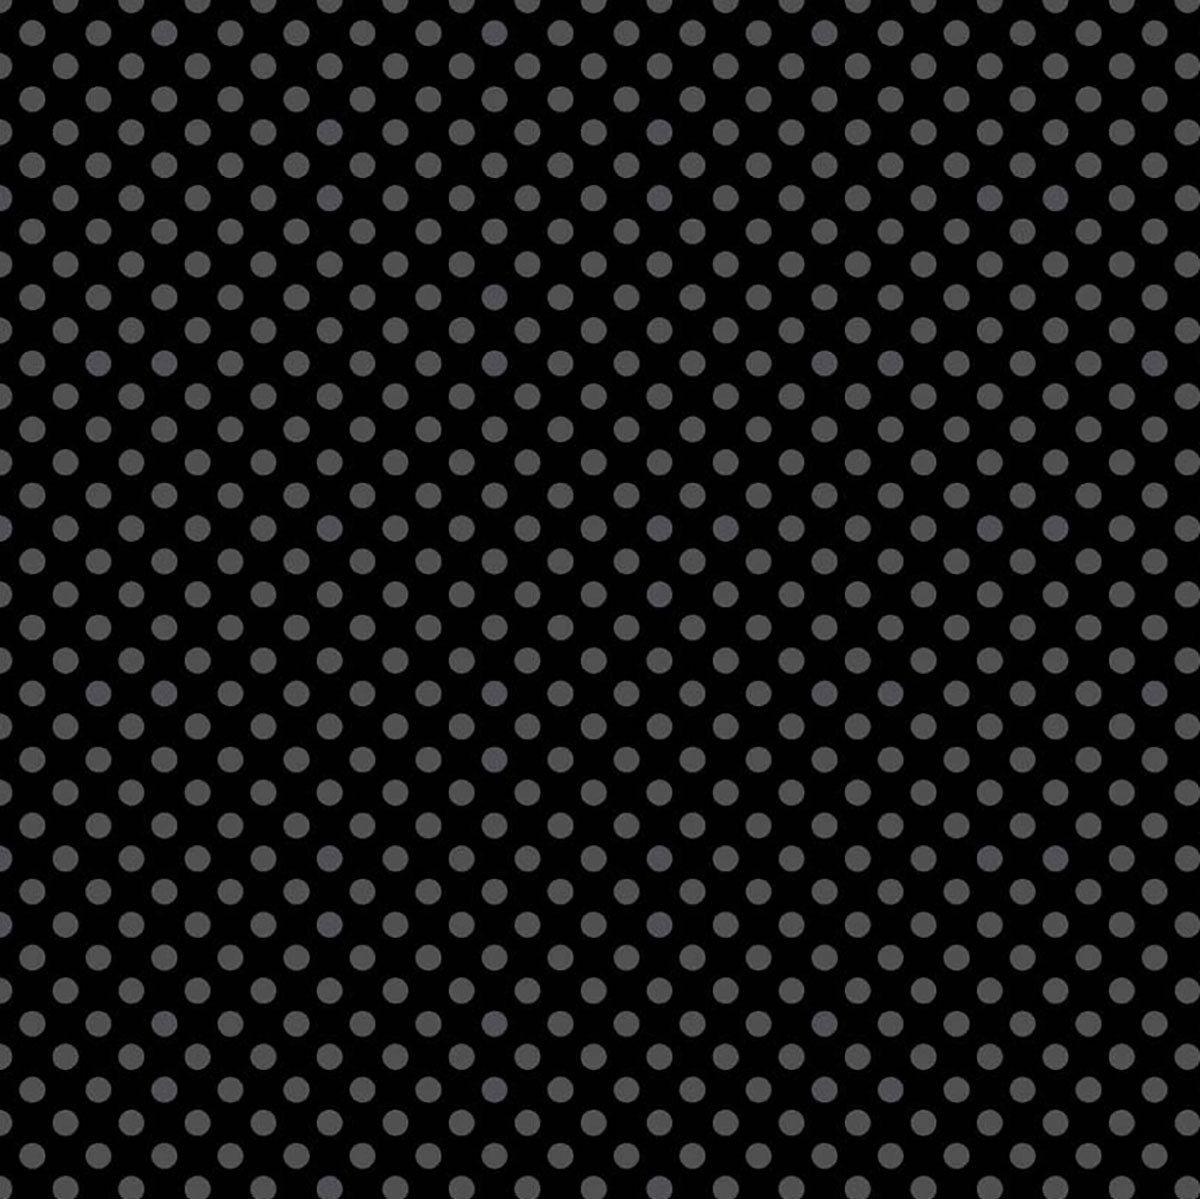 Medium Dot Tone on Tone Black